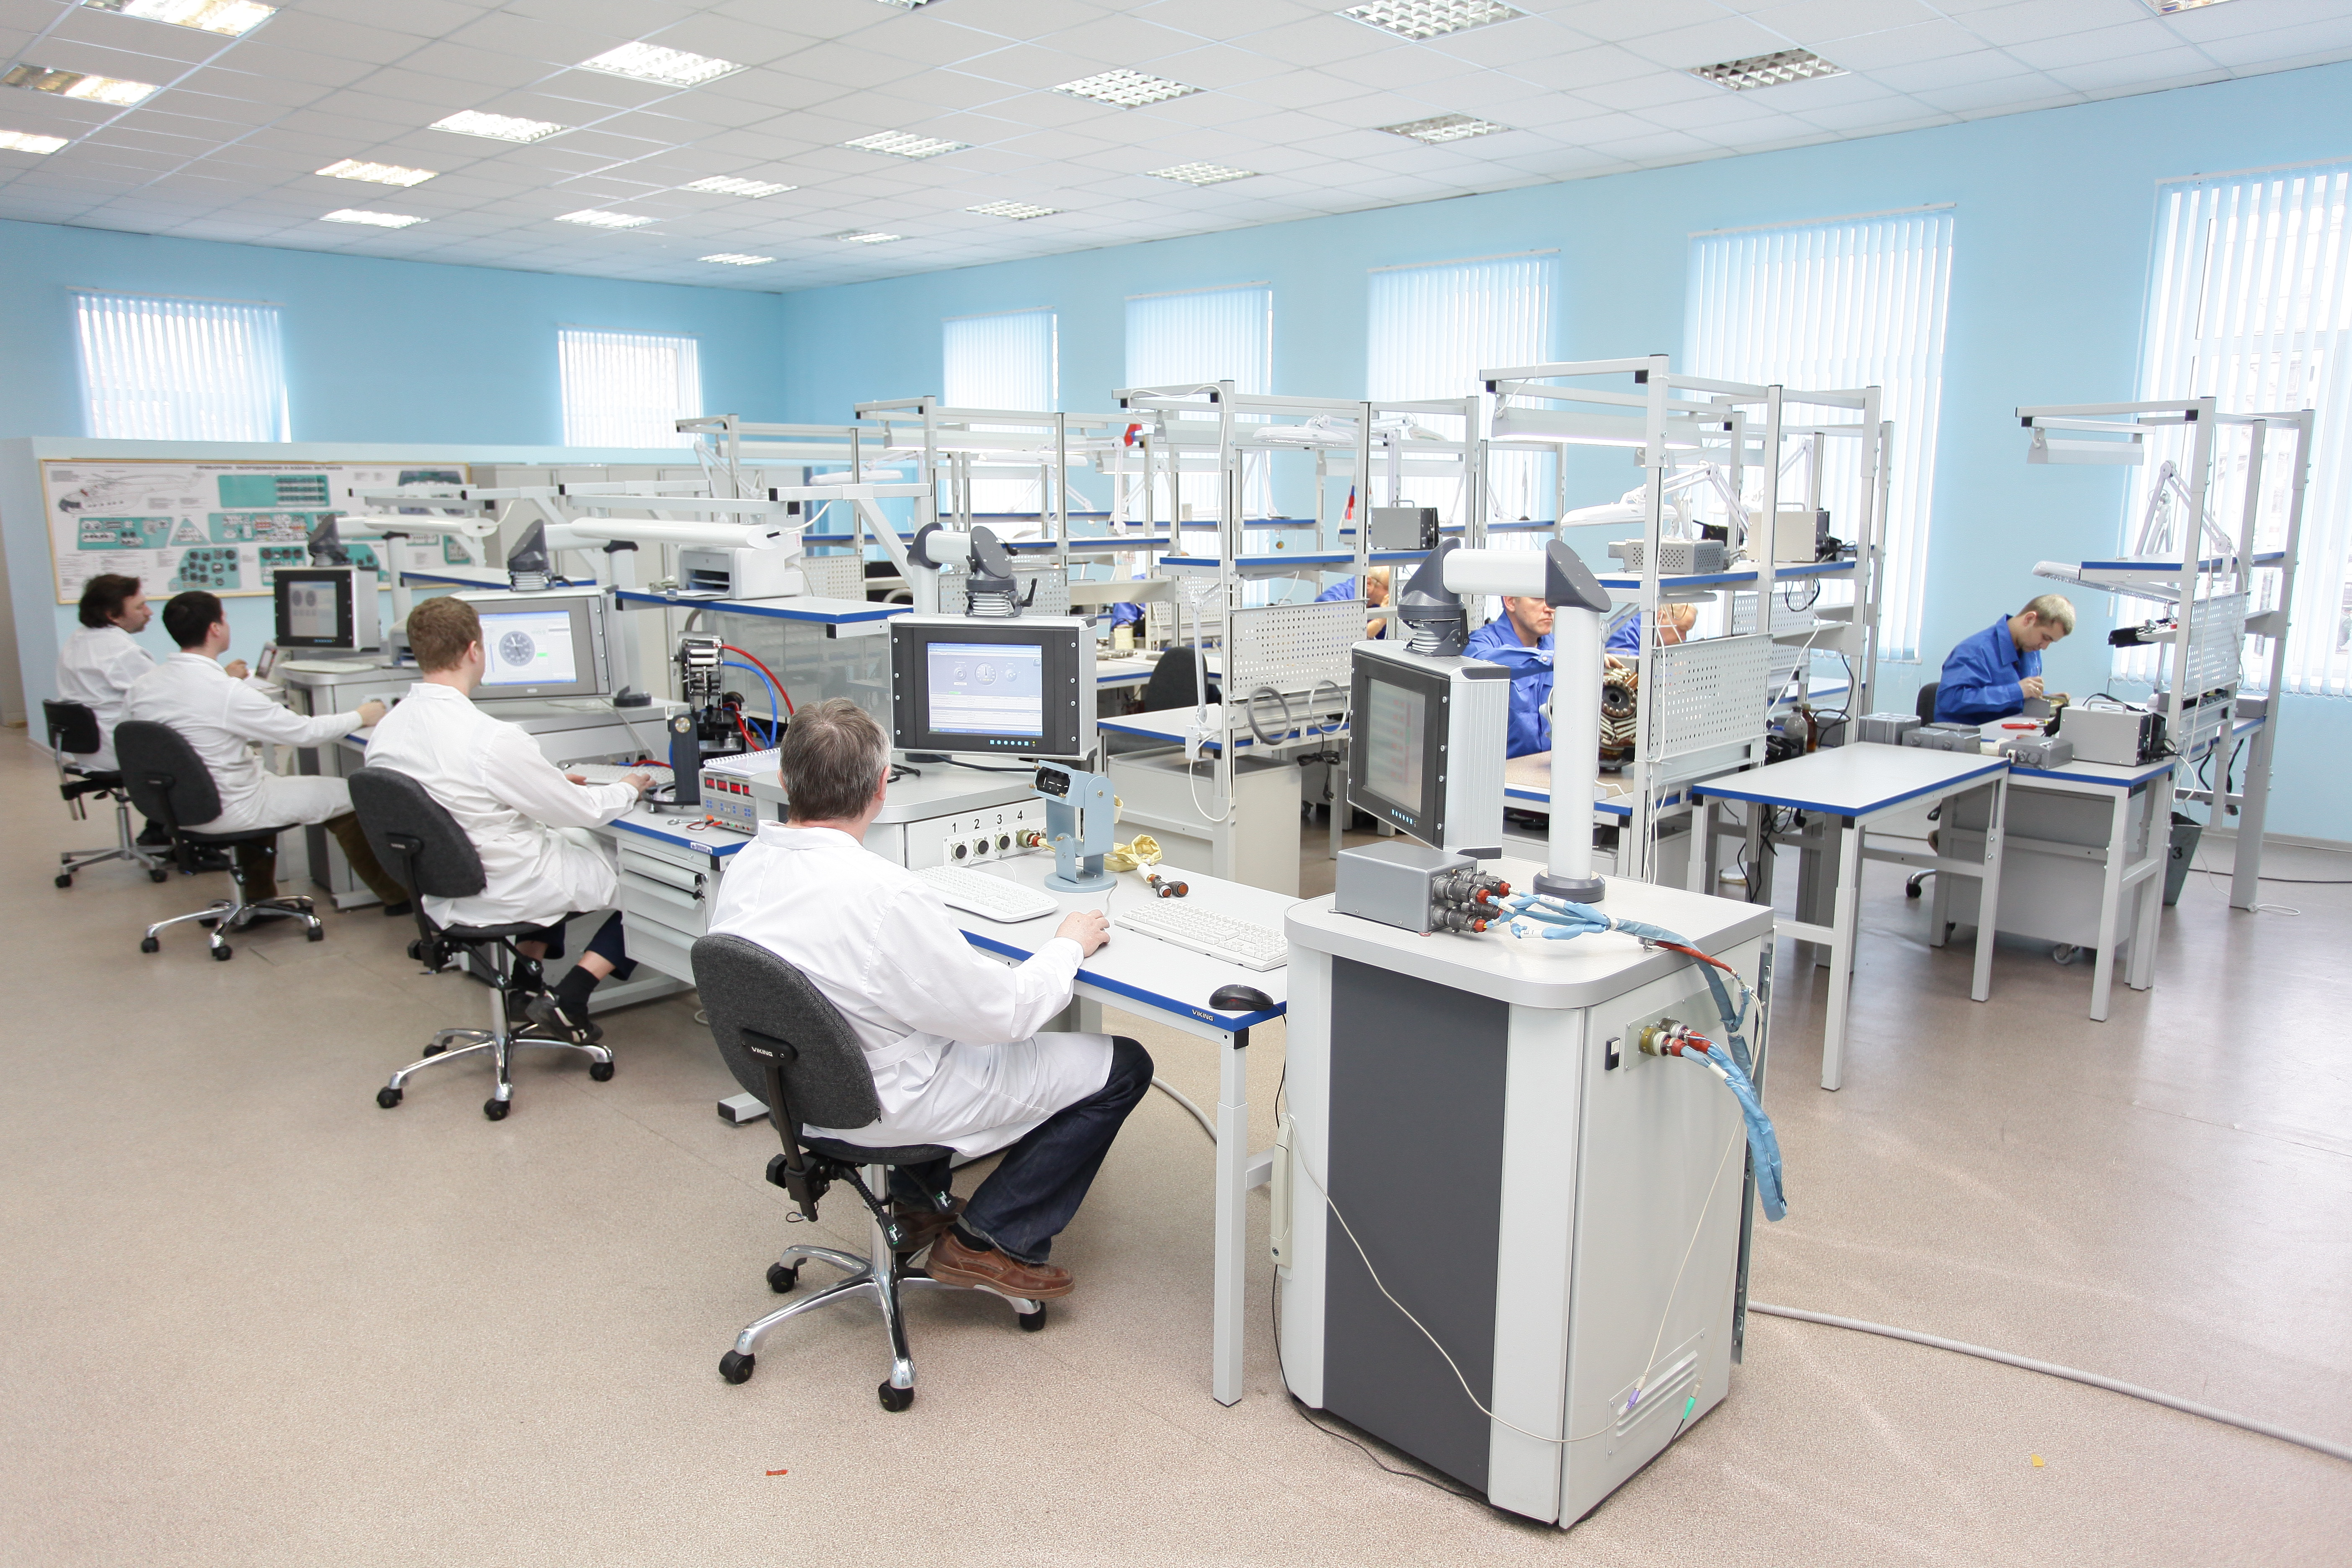 Производственные, лабораторные и офисные помещения должны быть оснащены необходимой мебелью.